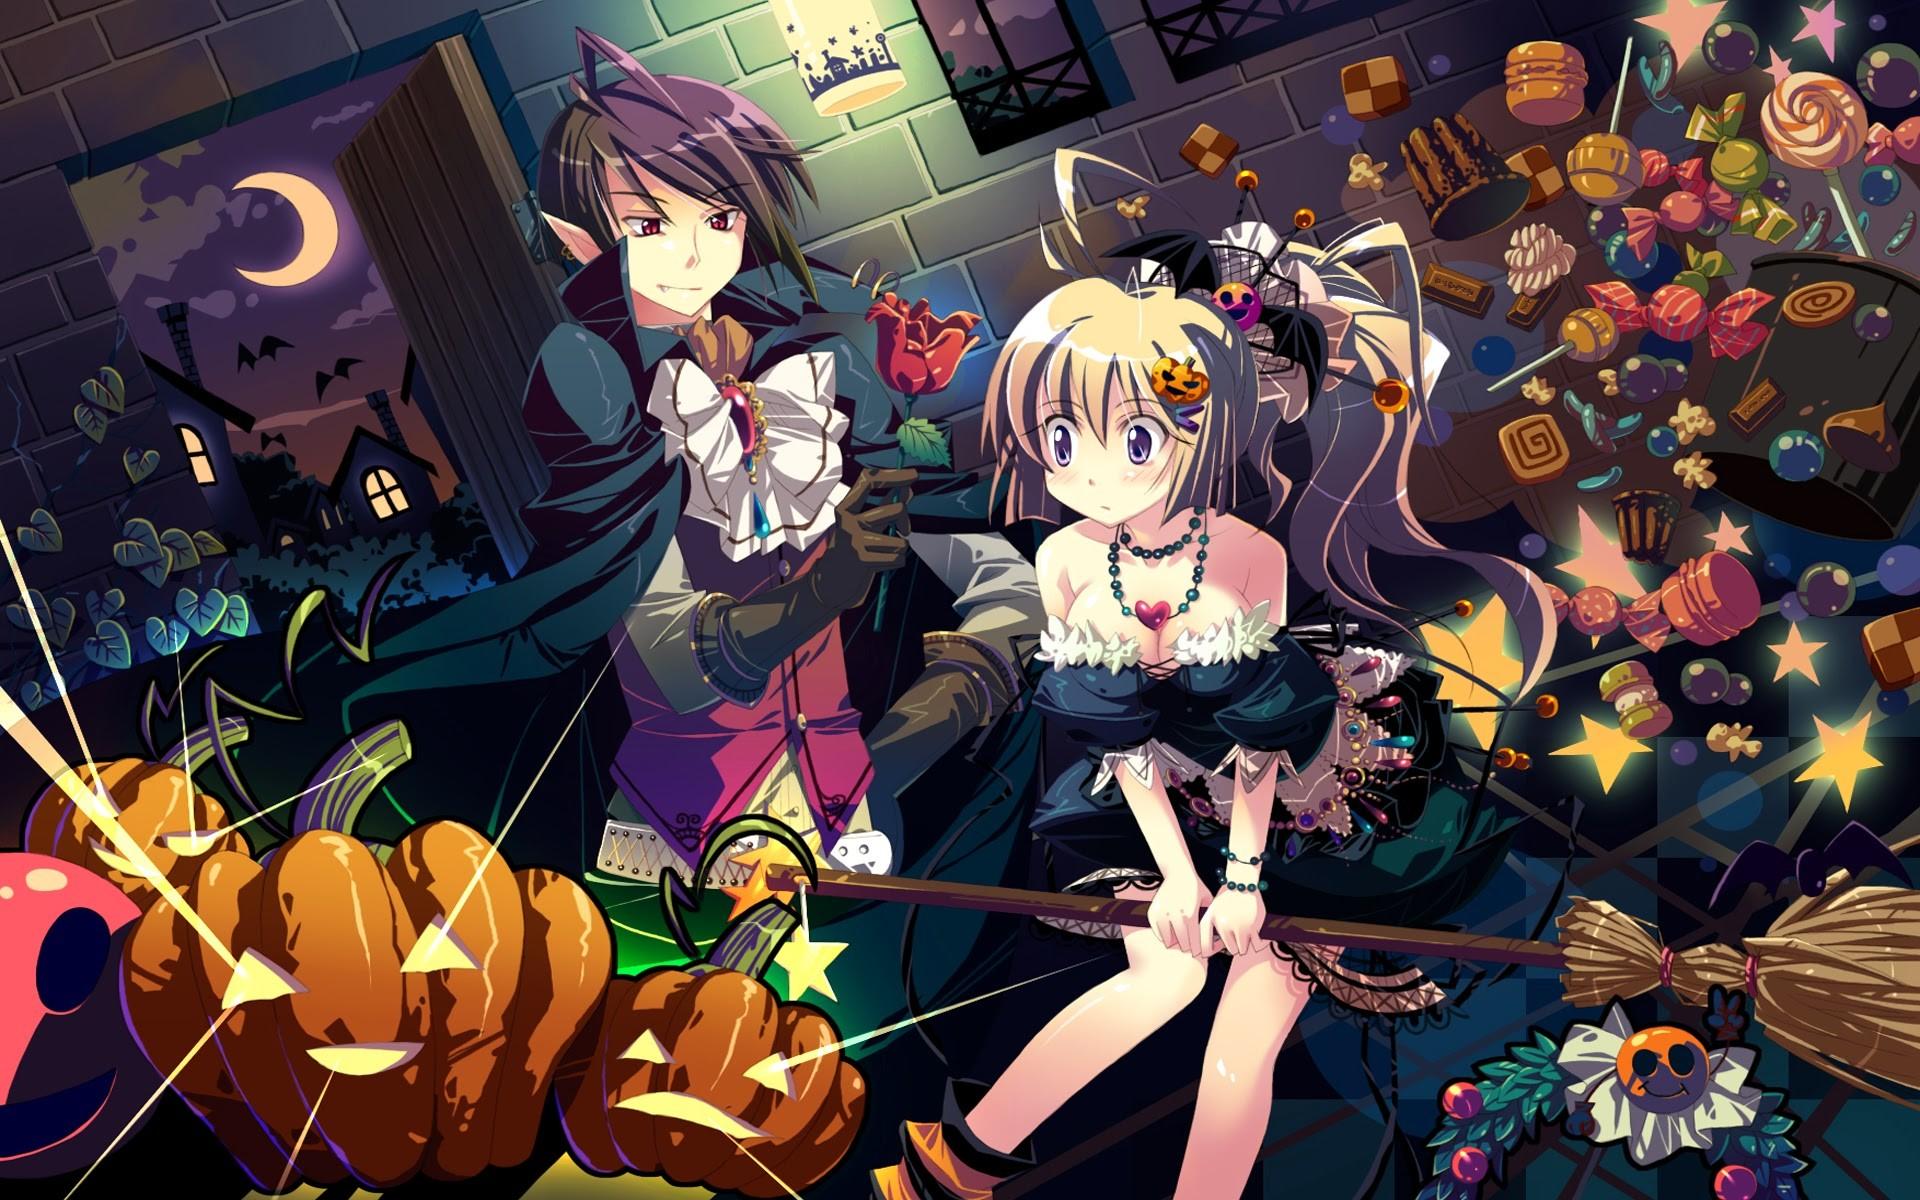 cute anime girls pumpkin lantern halloween wallpaper hd 1920×1080 a160  Source · Cute Halloween Vampire Wallpaper WallpaperSafari